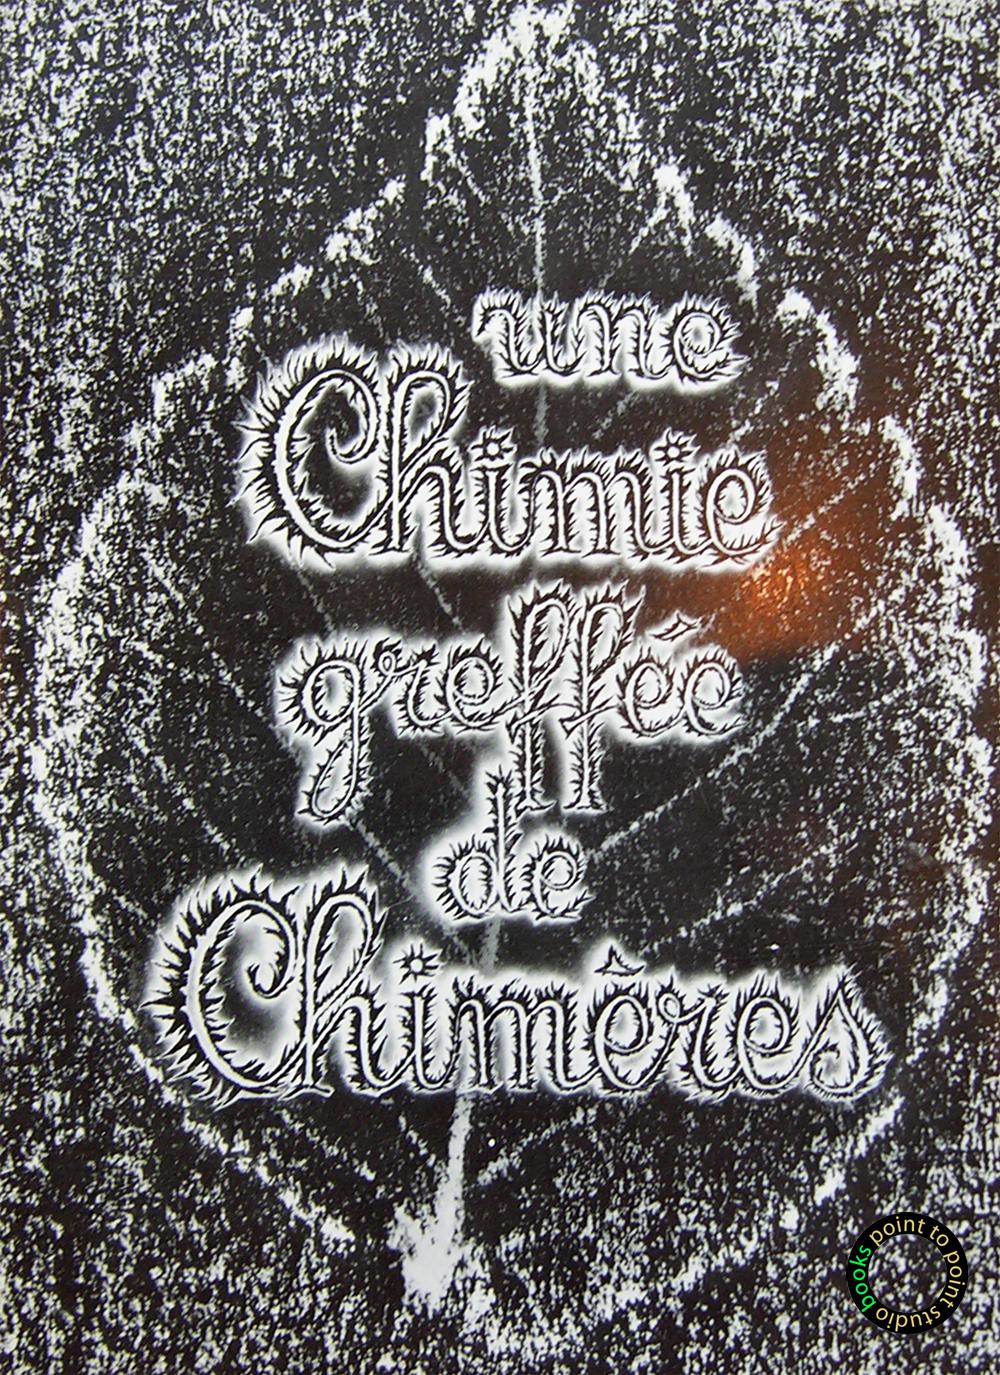 Une-Chimie-Greffee-de-Chimeres-Livre-Jean-Suquet